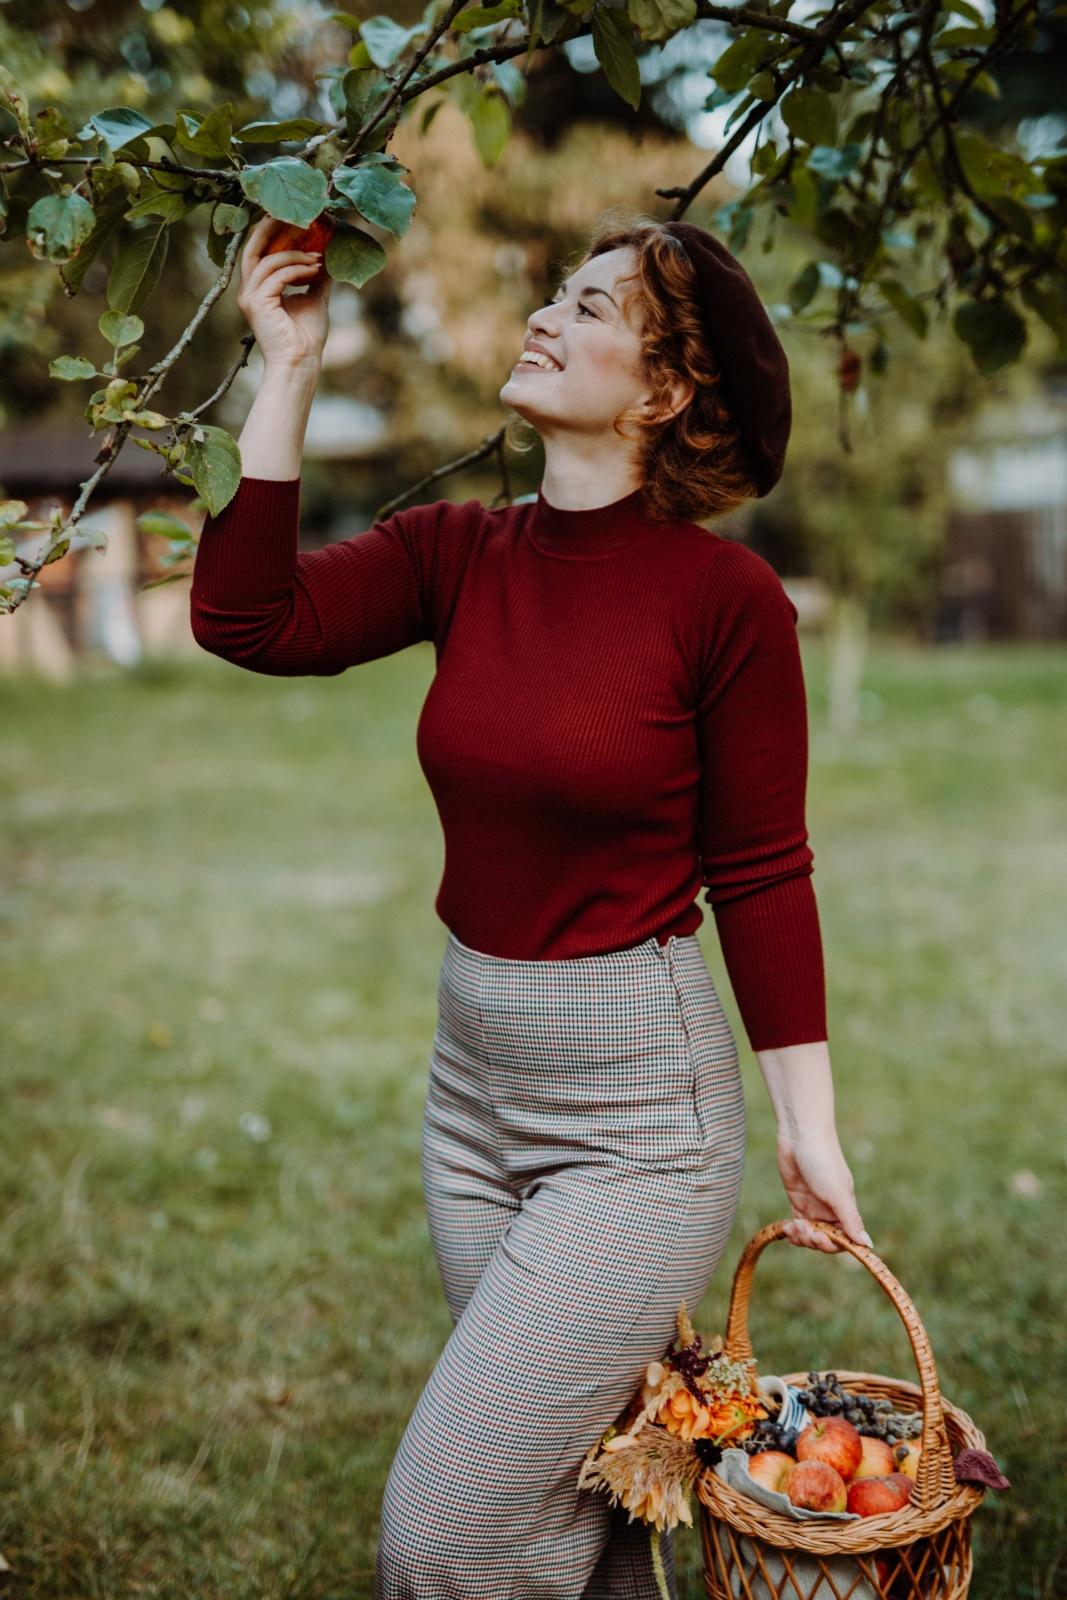 Vintage Mädchen   29986   29708   Fotograaf Sophiamolek (8)